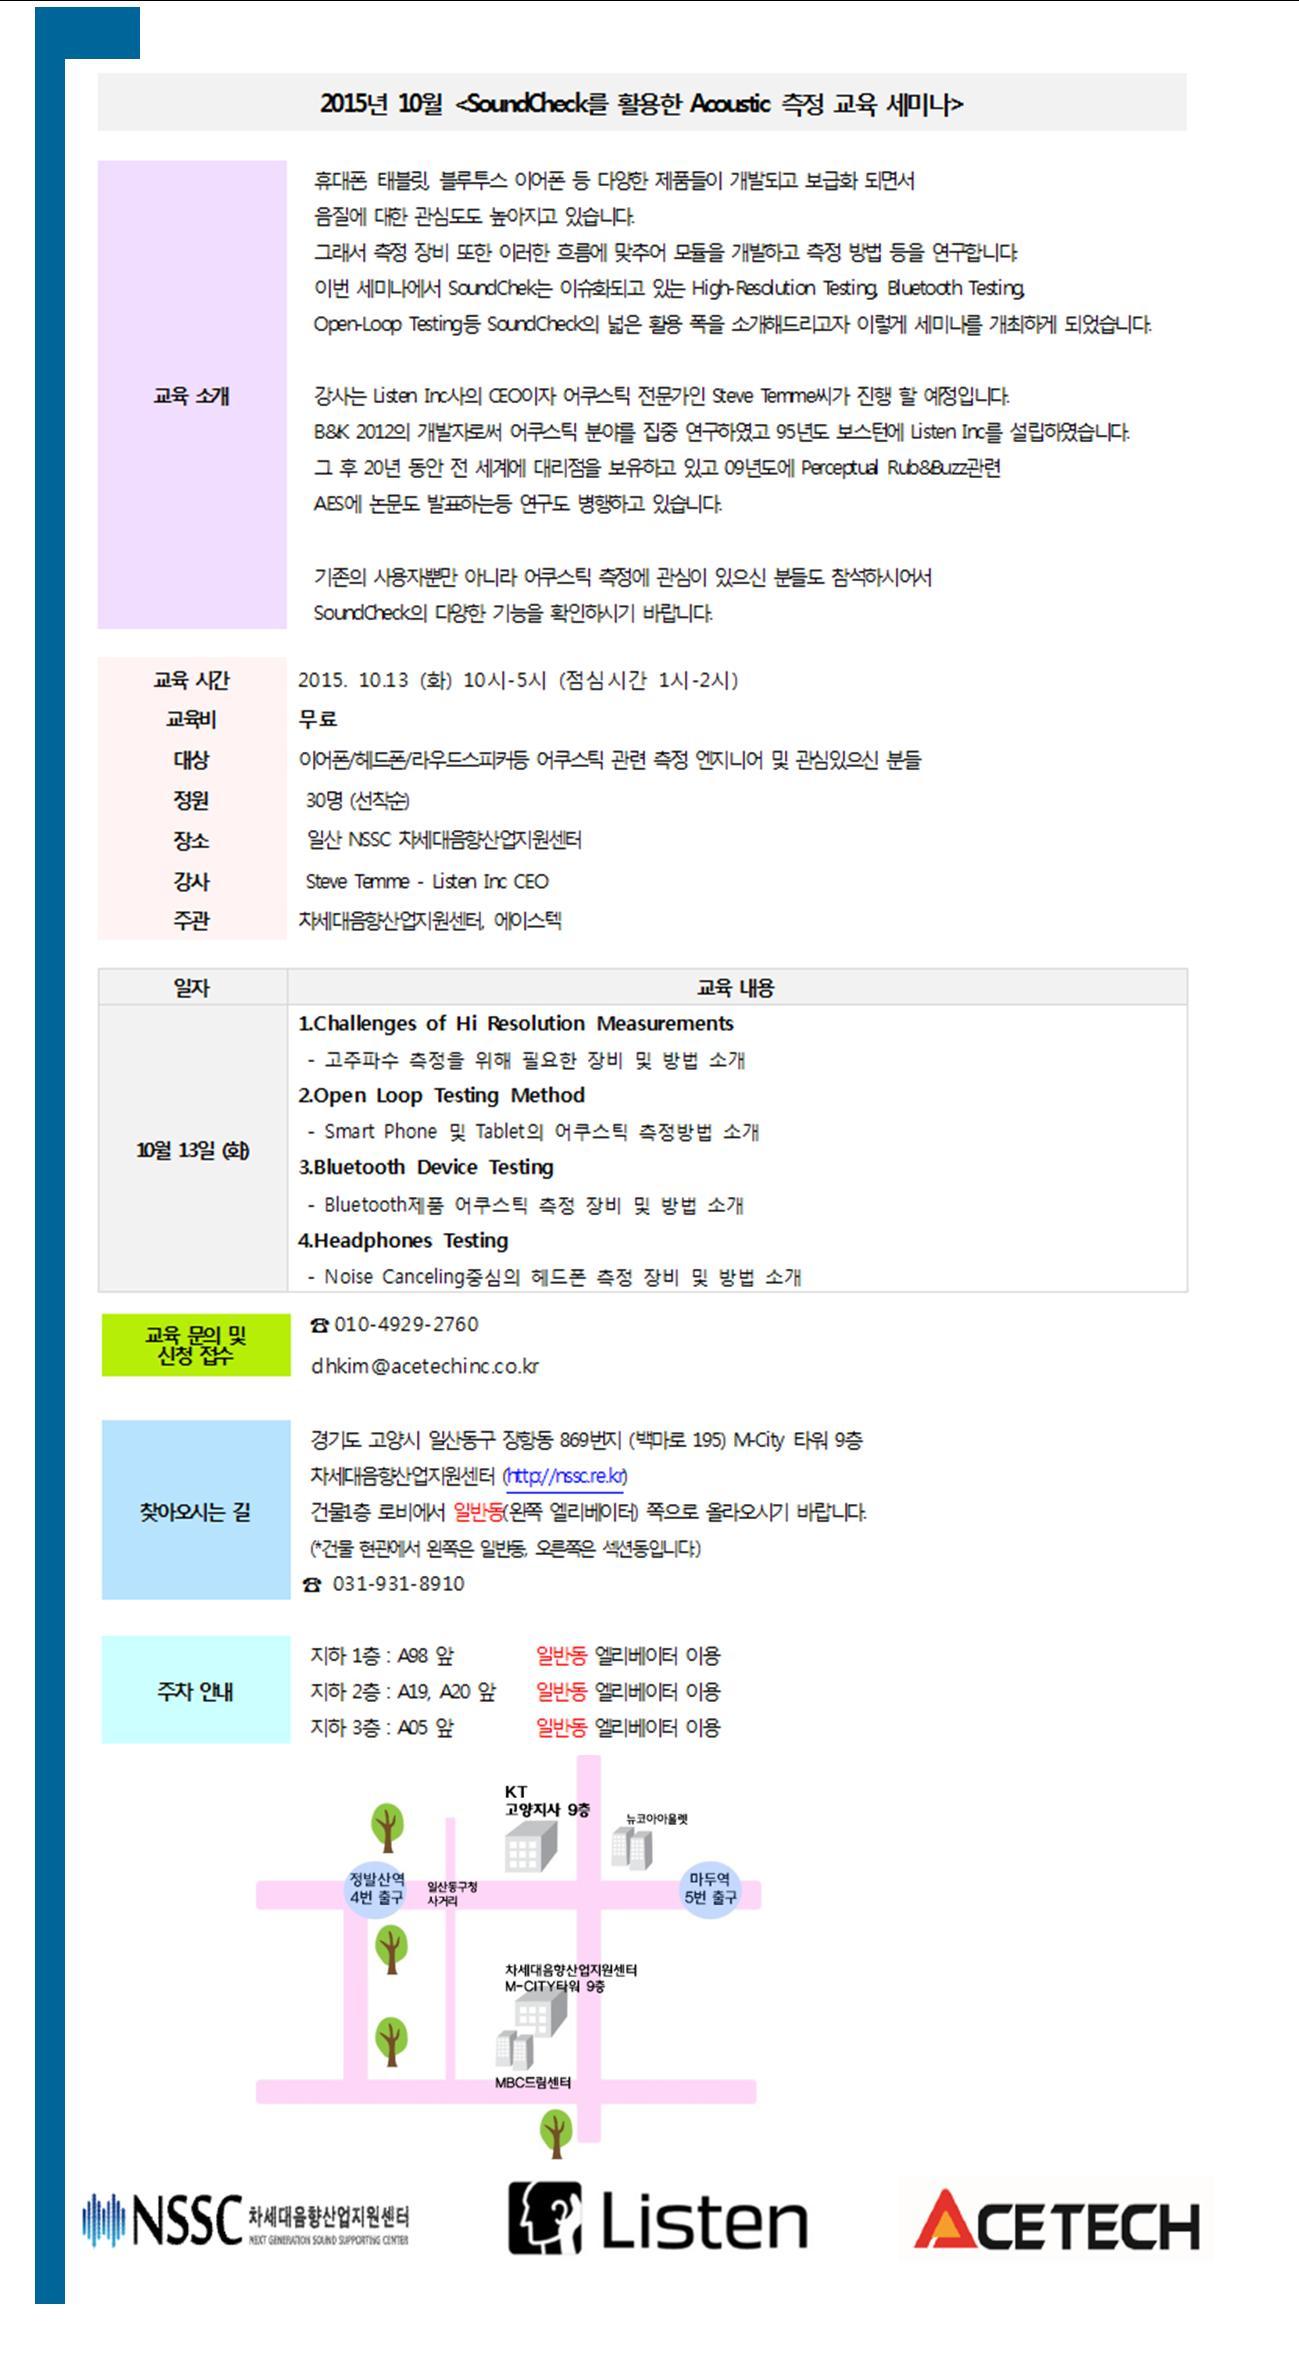 10월_사운드체크_에이텍_퍼블리셔 홍보문_수정.jpg